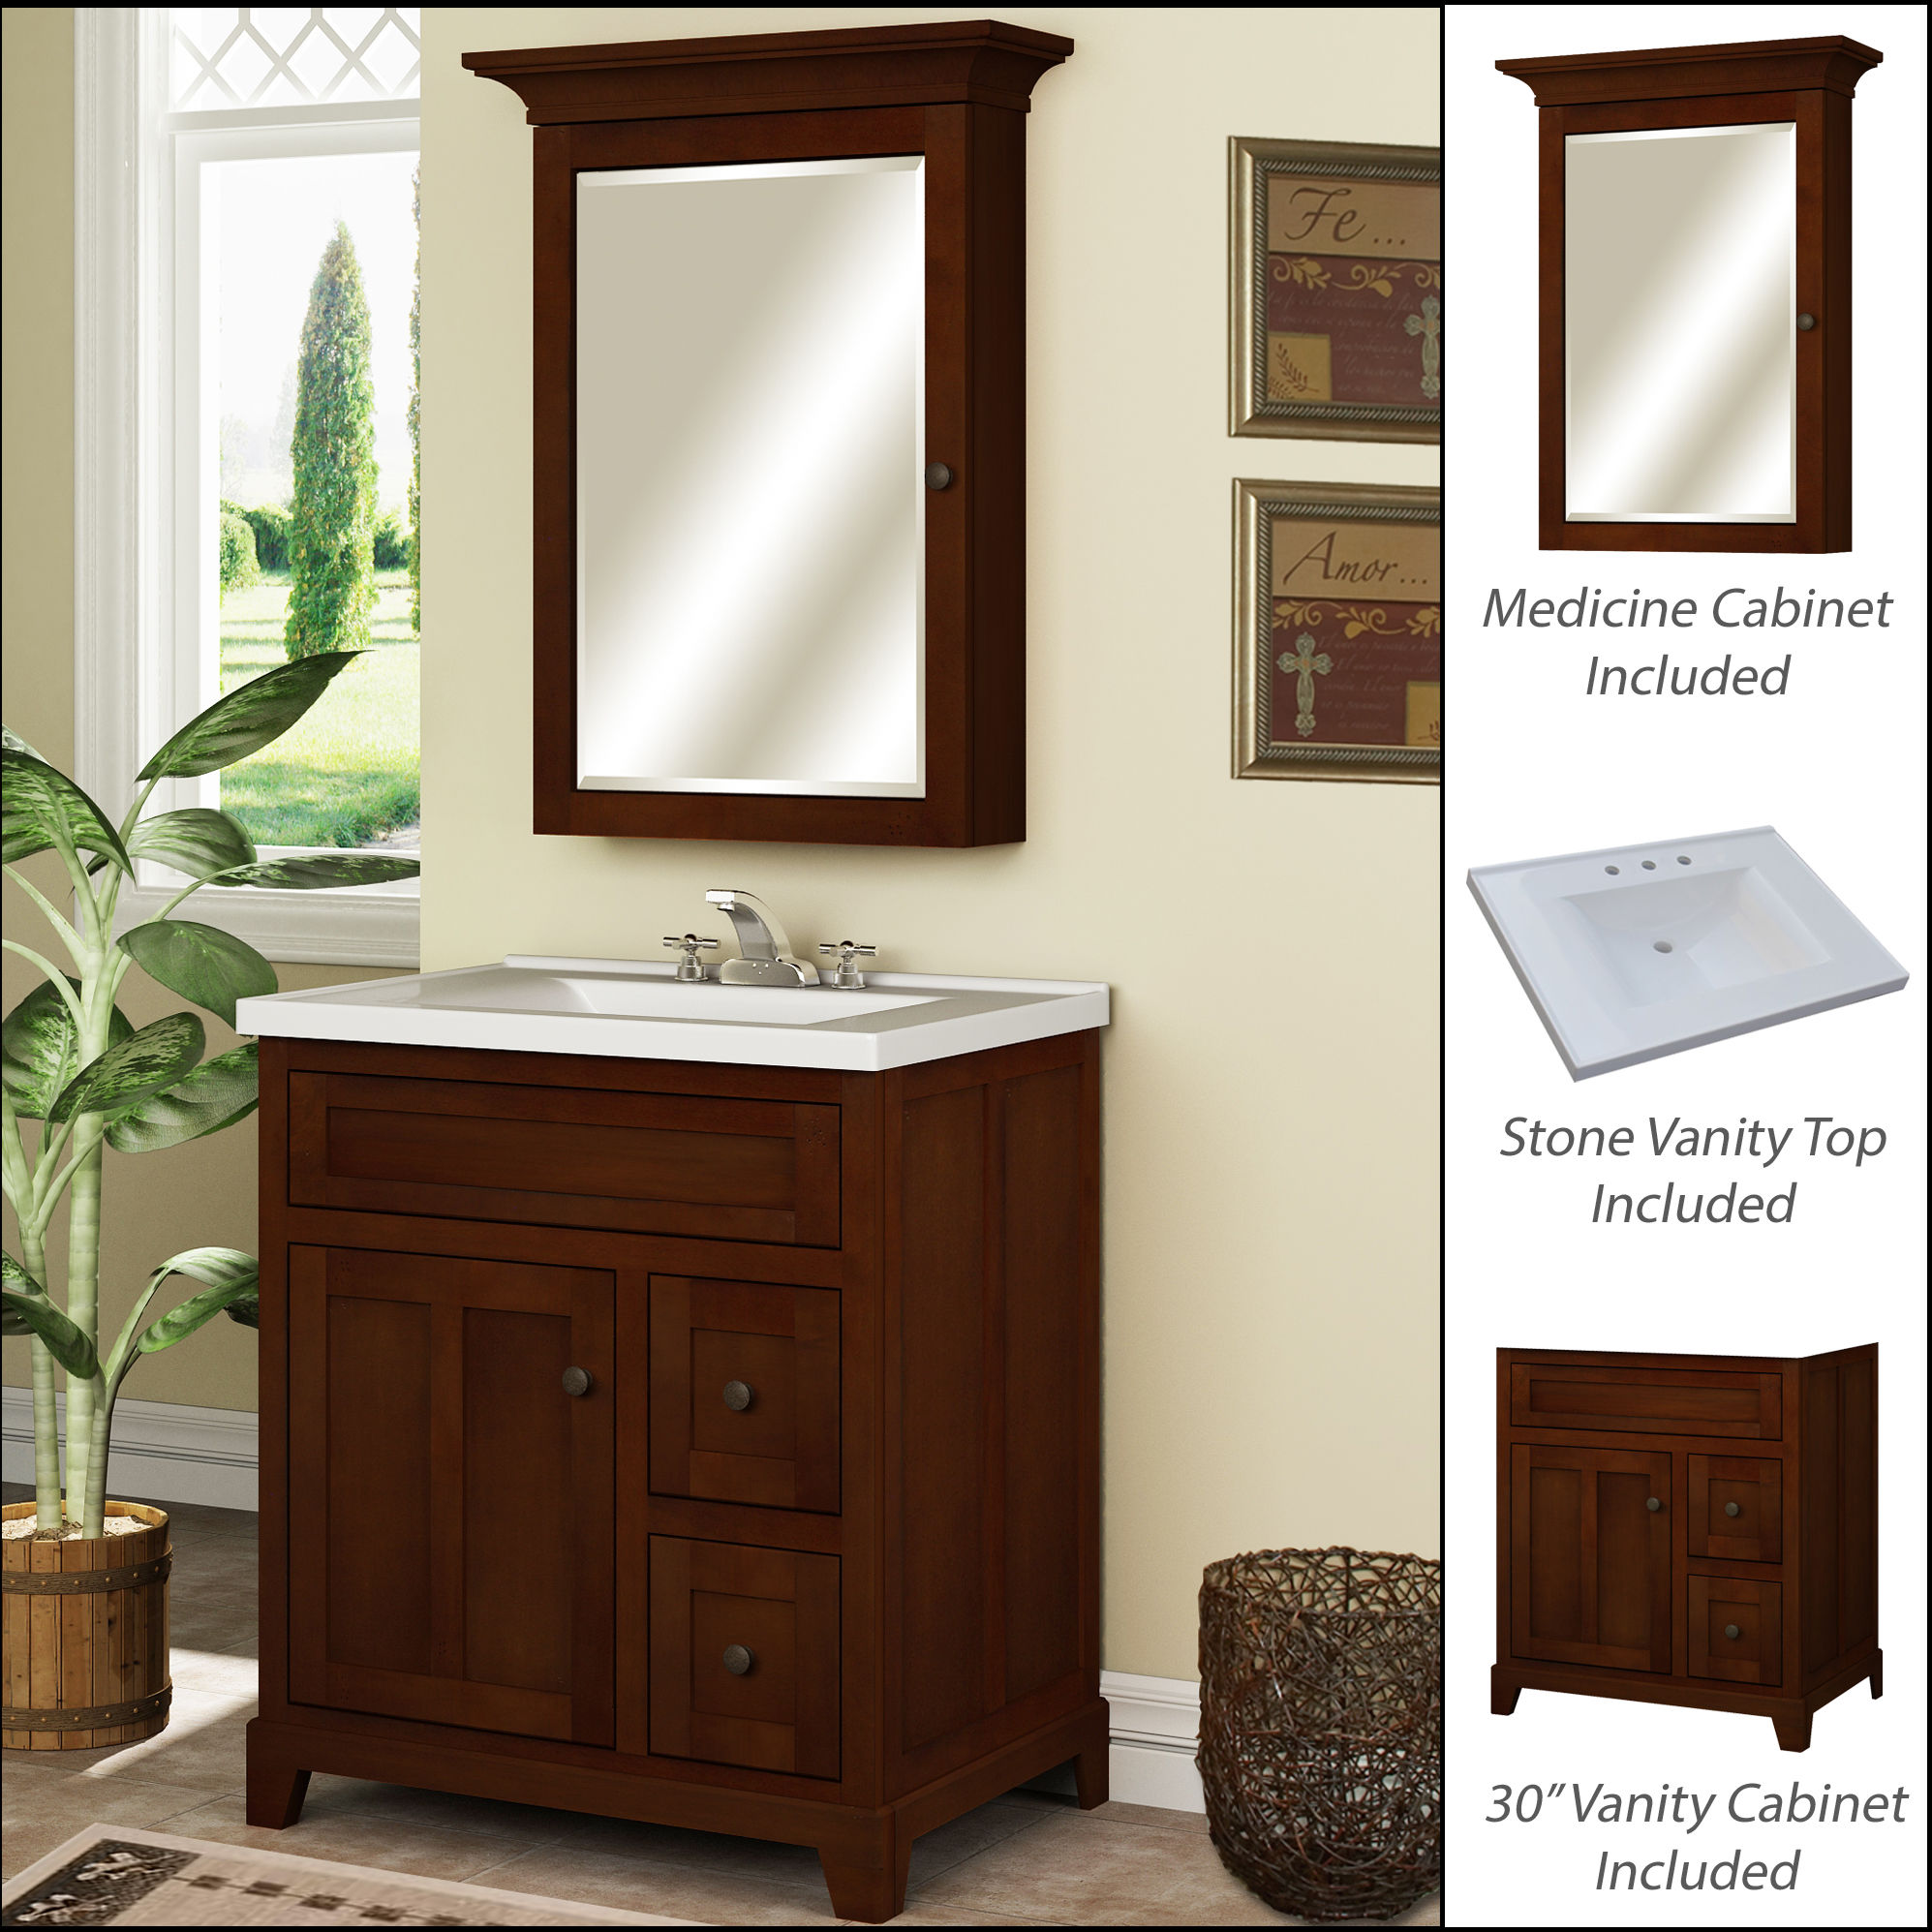 white gw bathroom usa in set vanities vanity gloss js bailey virtu single